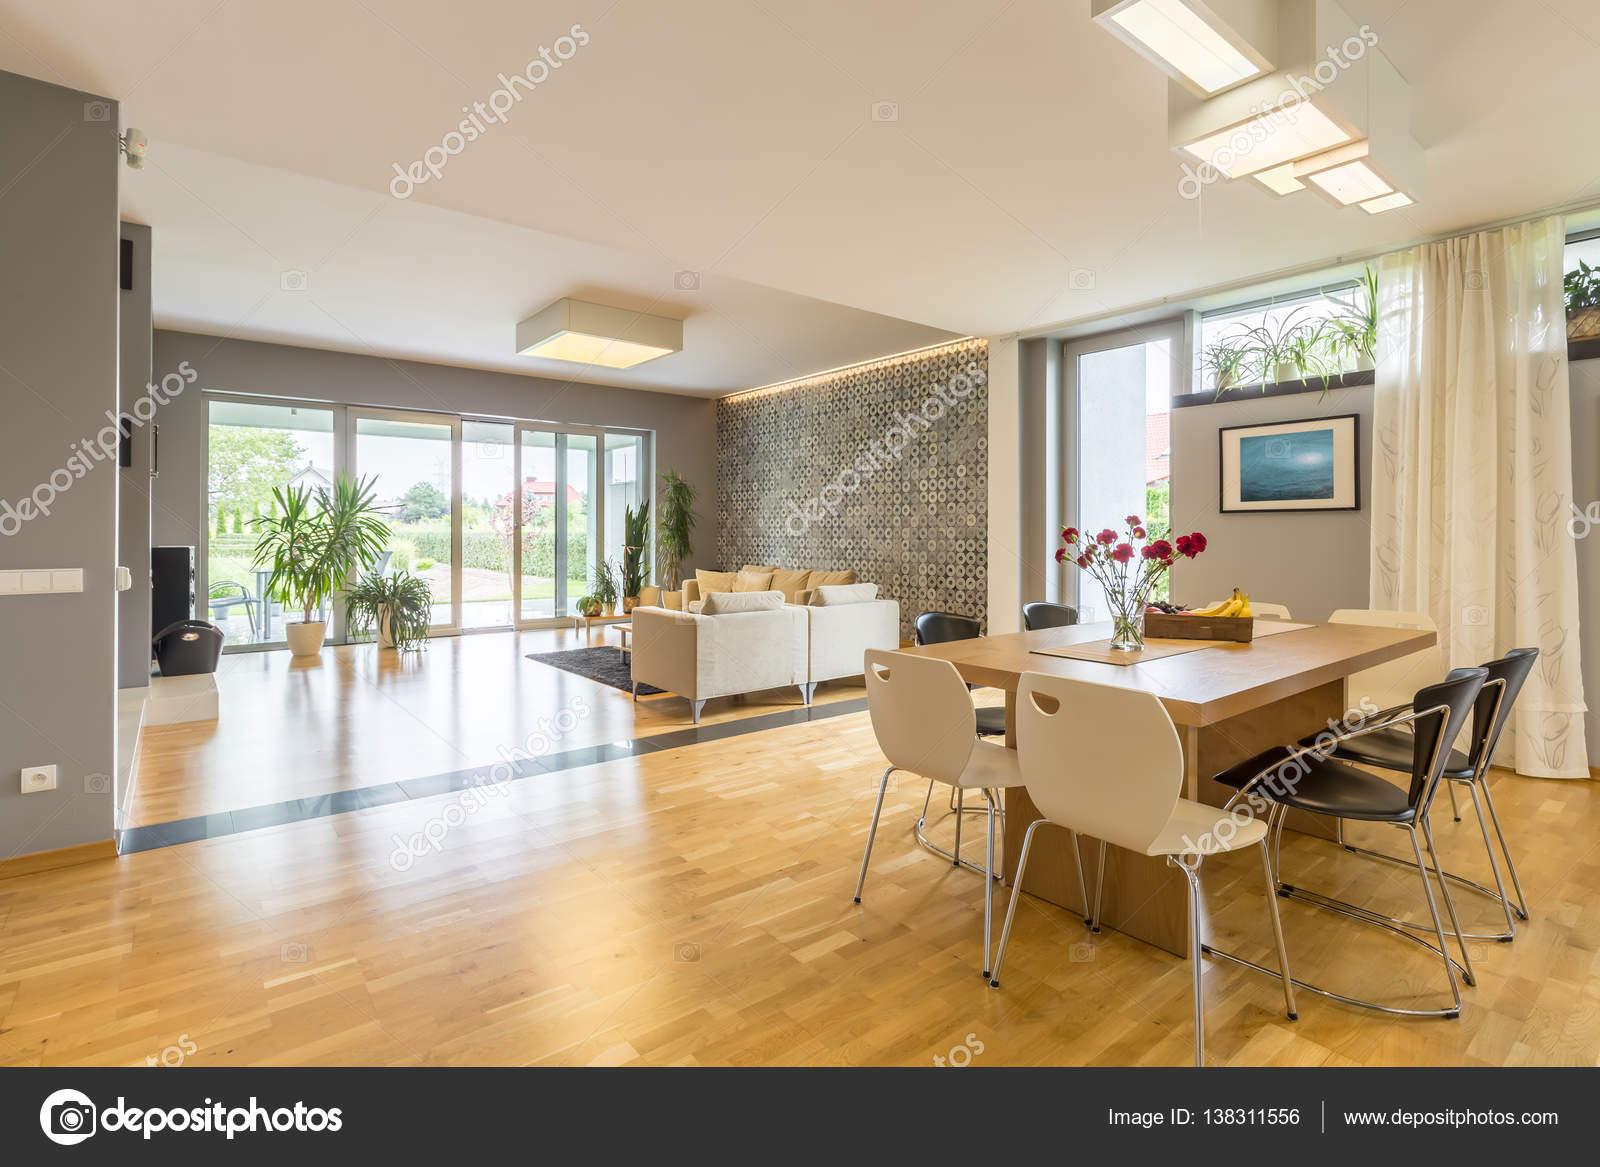 Große Fenster Haus — Stockfoto © photographee.eu #138311556